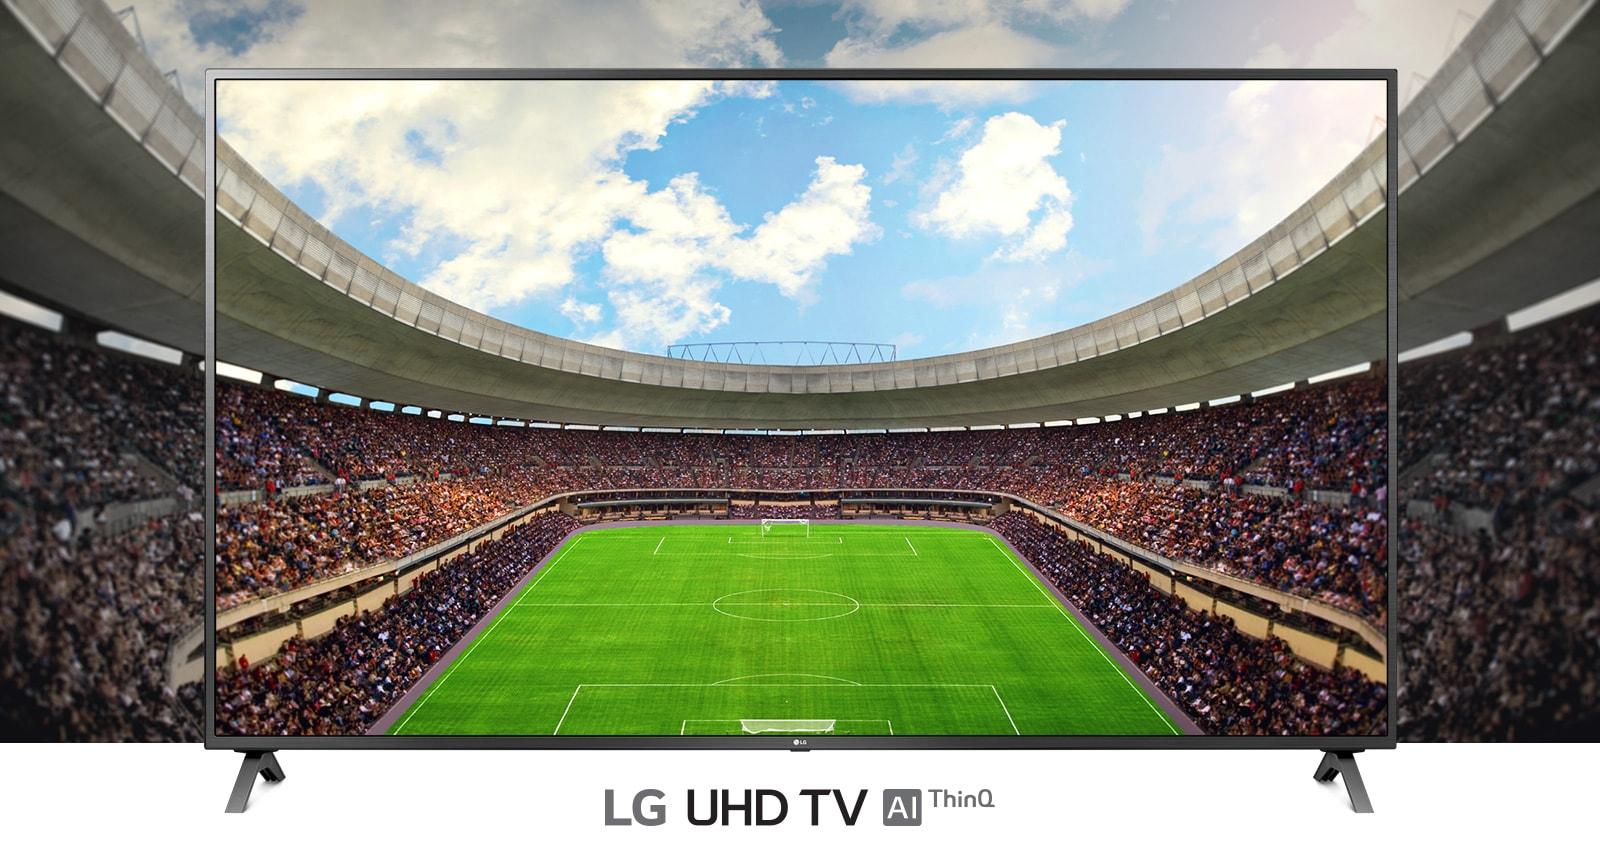 Panoramatický pohled na fotbalový stadion plný diváků uvnitř rámu televizoru.